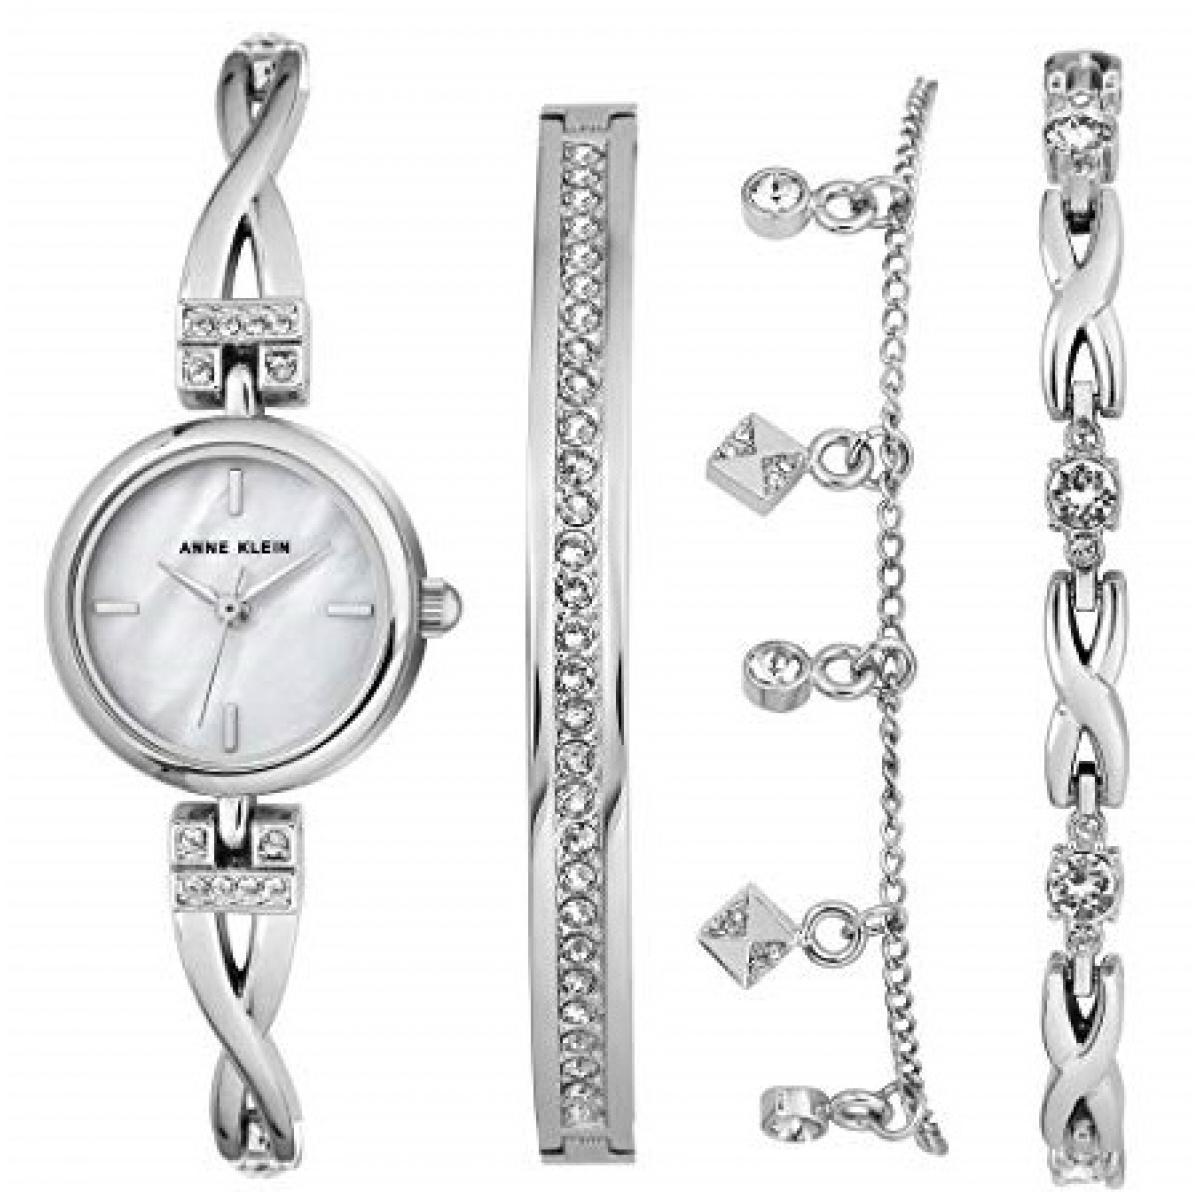 Coffret Anne Klein AK-3083SVST - Montre Cristaux Swarovski Bracelet Acier  Argent Boîtier Aluminium Argent Femme + Bracelets Bijoux